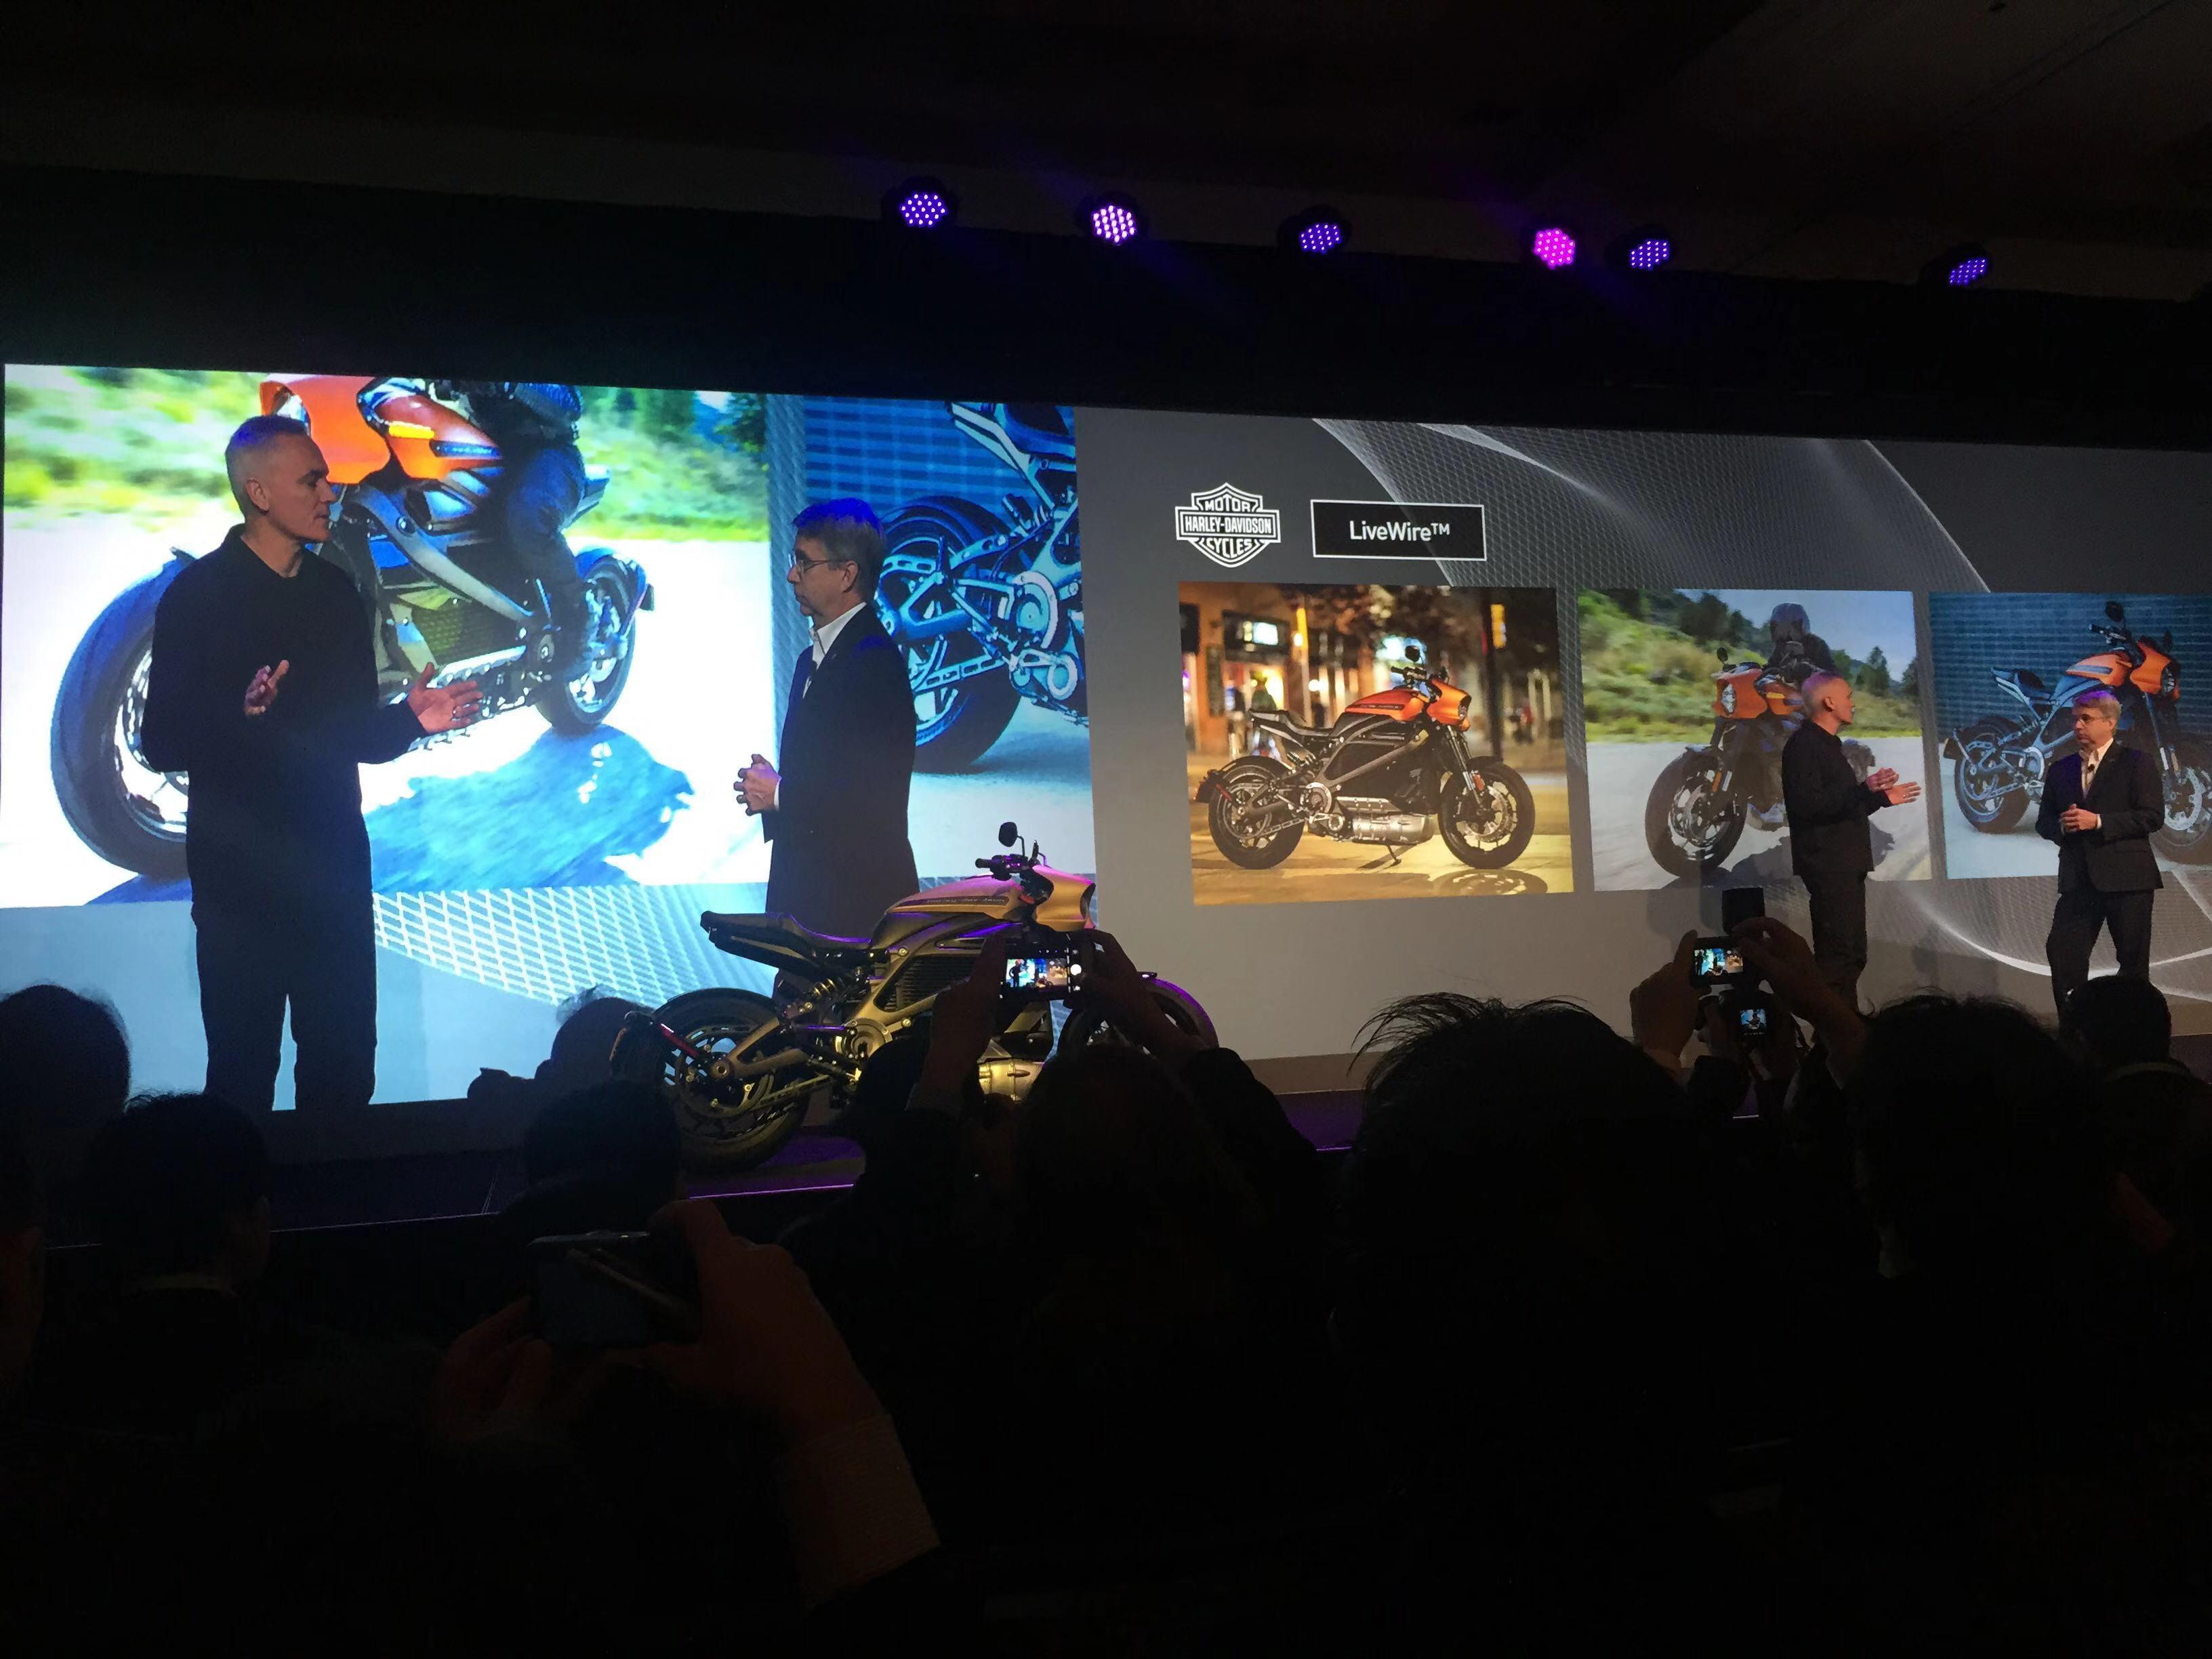 松下为哈雷新款的电动摩托车提供电池动力系统。